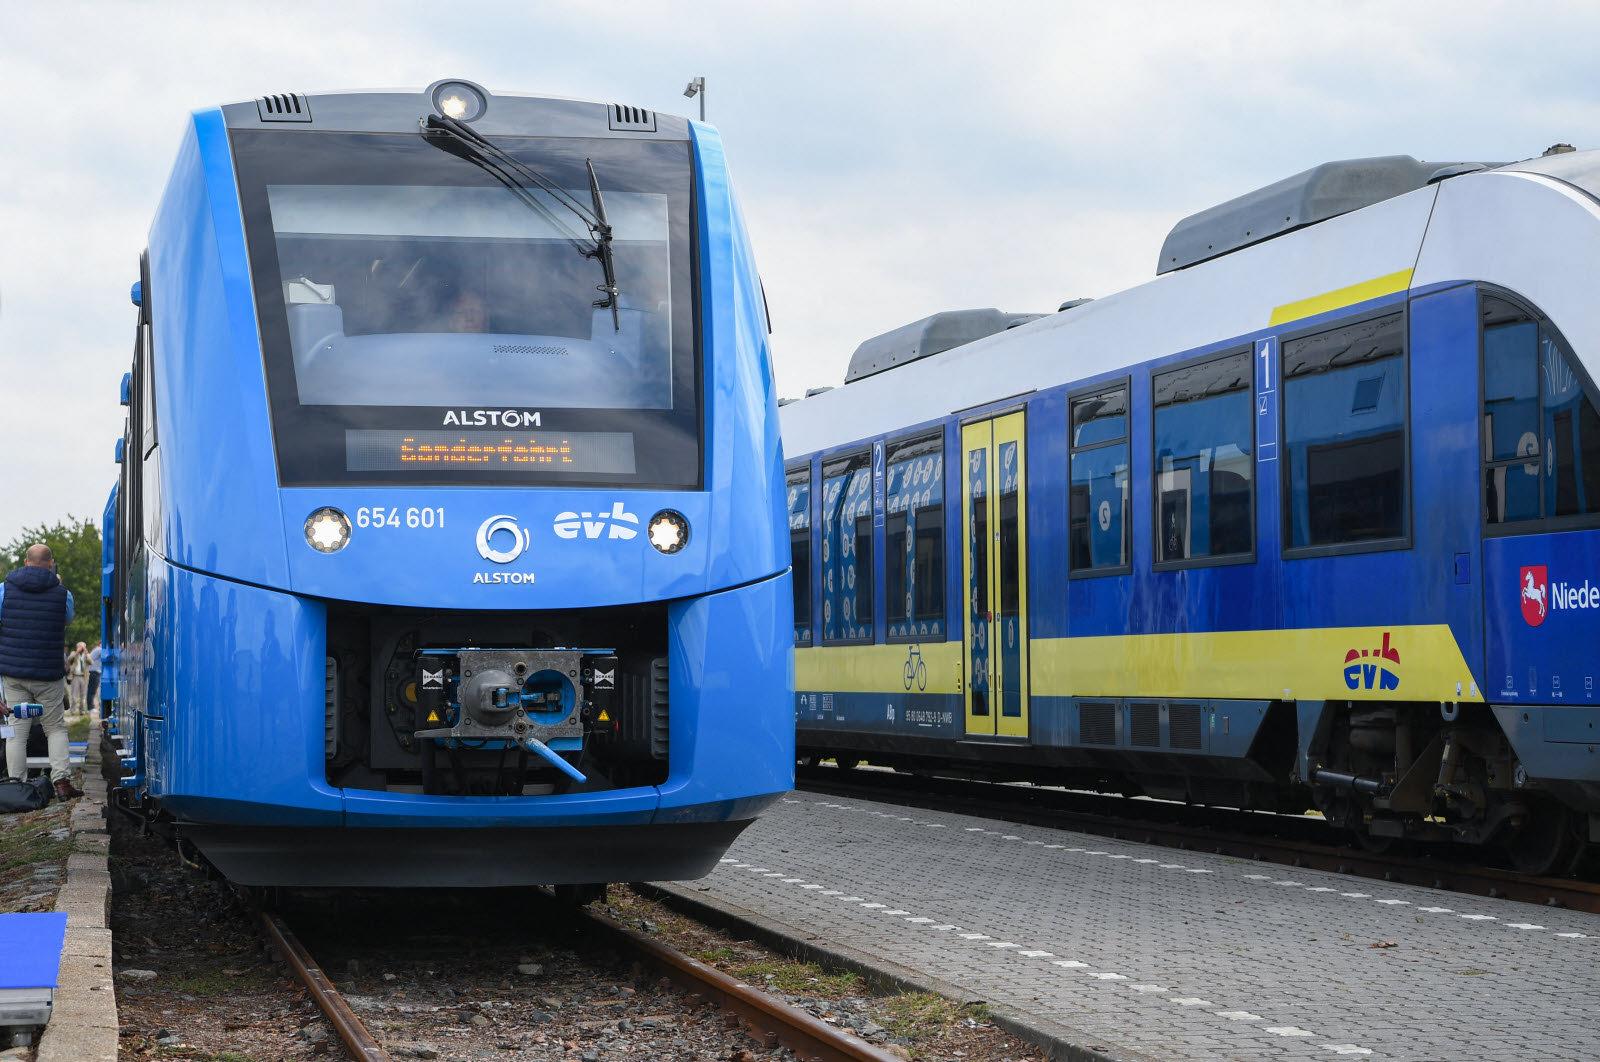 Des nouveaux trains à Hydrogène dans la Région Grand Est 21040806553250922